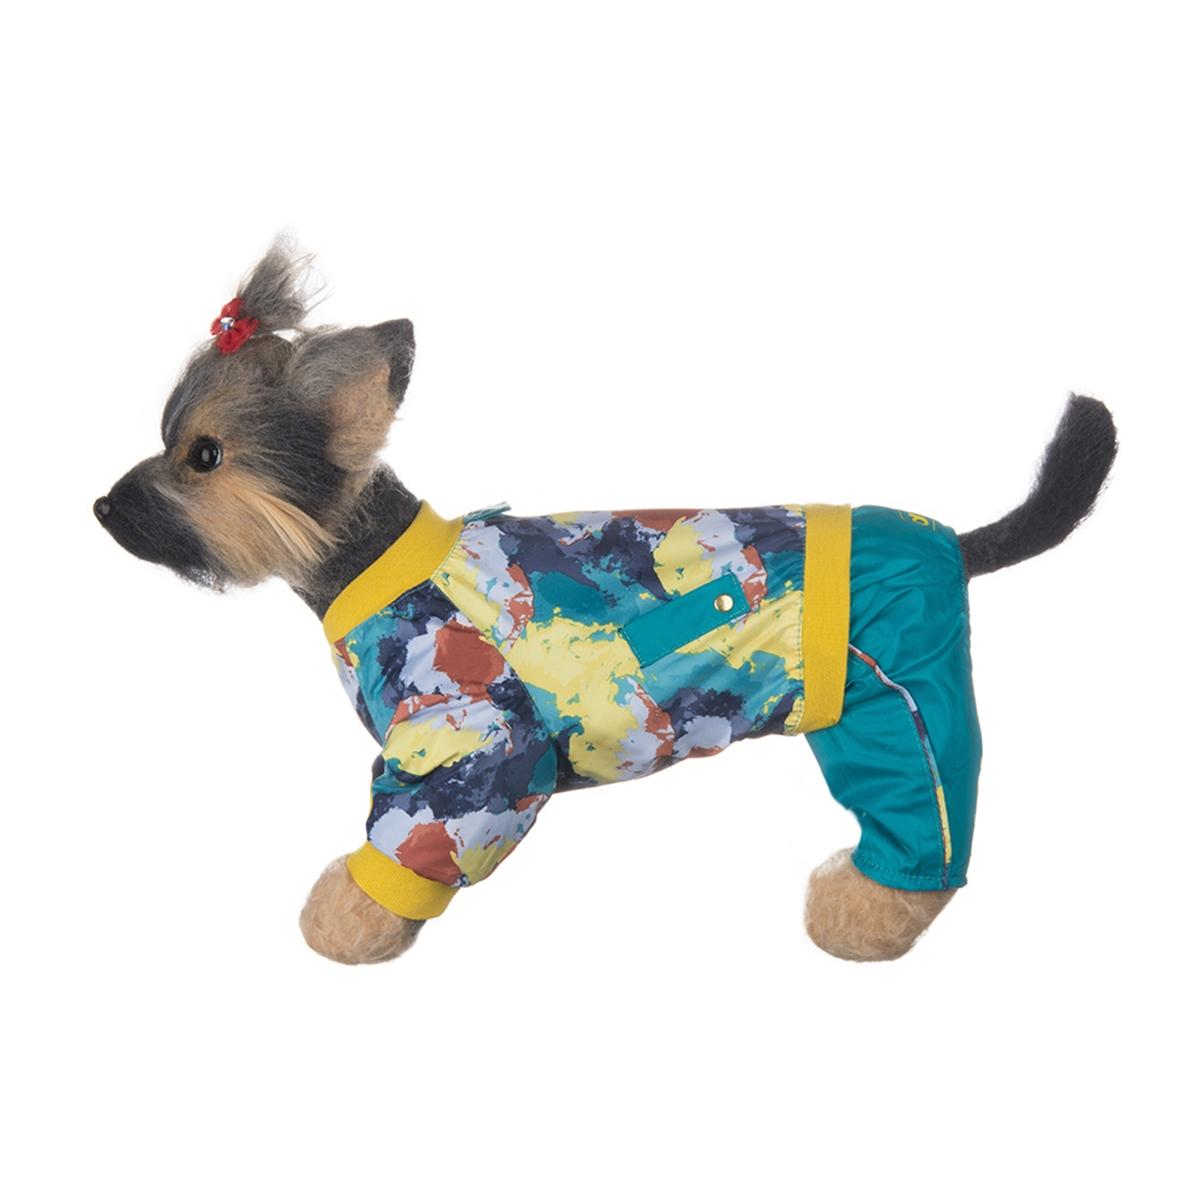 Комбинезон для собак Dogmoda Акварель, для мальчика, цвет: морской волны, желтый. Размер 1 (S)0120710Комбинезон для собак Dogmoda Акварель отлично подойдет для прогулок поздней осенью или ранней весной.Комбинезон изготовлен из полиэстера, защищающего от ветра и осадков, с подкладкой из флиса, которая сохранит тепло и обеспечит отличный воздухообмен. Комбинезон застегивается на кнопки, благодаря чему его легко надевать и снимать. Ворот, низ рукавов оснащены широкими трикотажными манжетами, которые мягко обхватывают шею и лапки, не позволяя просачиваться холодному воздуху. На пояснице комбинезон декорирован трикотажной резинкой.Благодаря такому комбинезону простуда не грозит вашему питомцу и он не даст любимцу продрогнуть на прогулке.